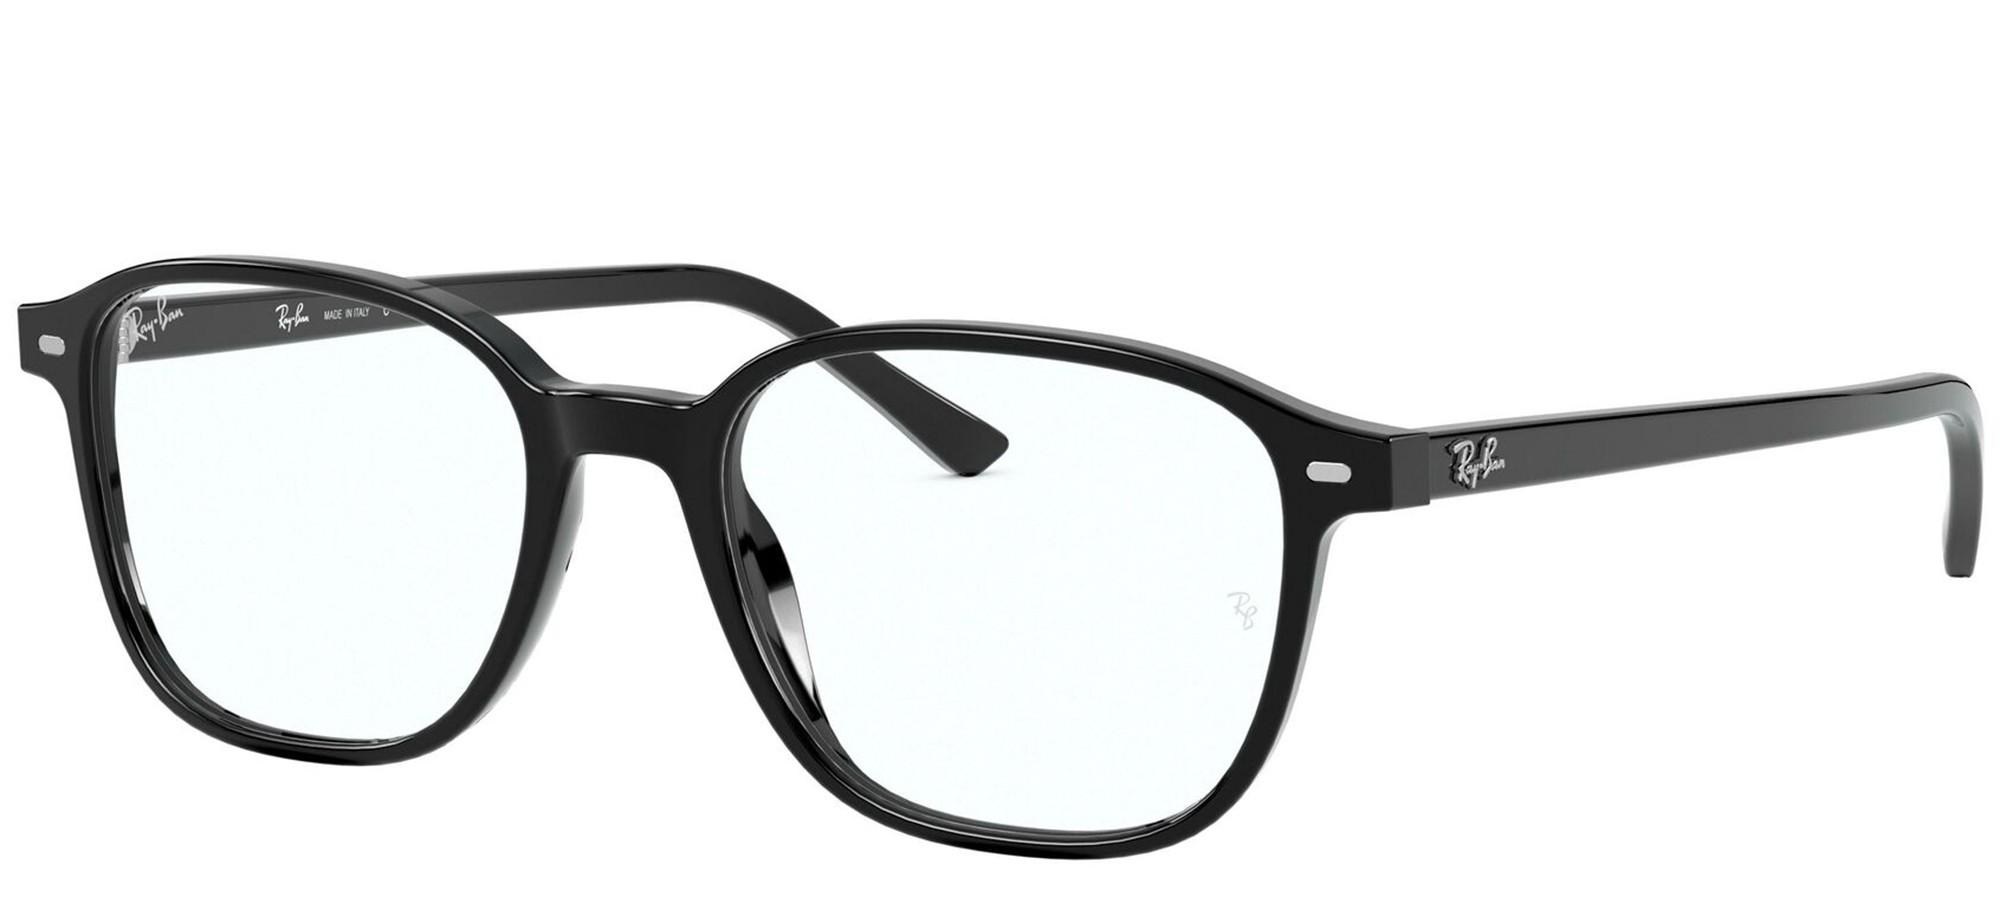 Ray Ban 5393 2000 - Oculos de Grau